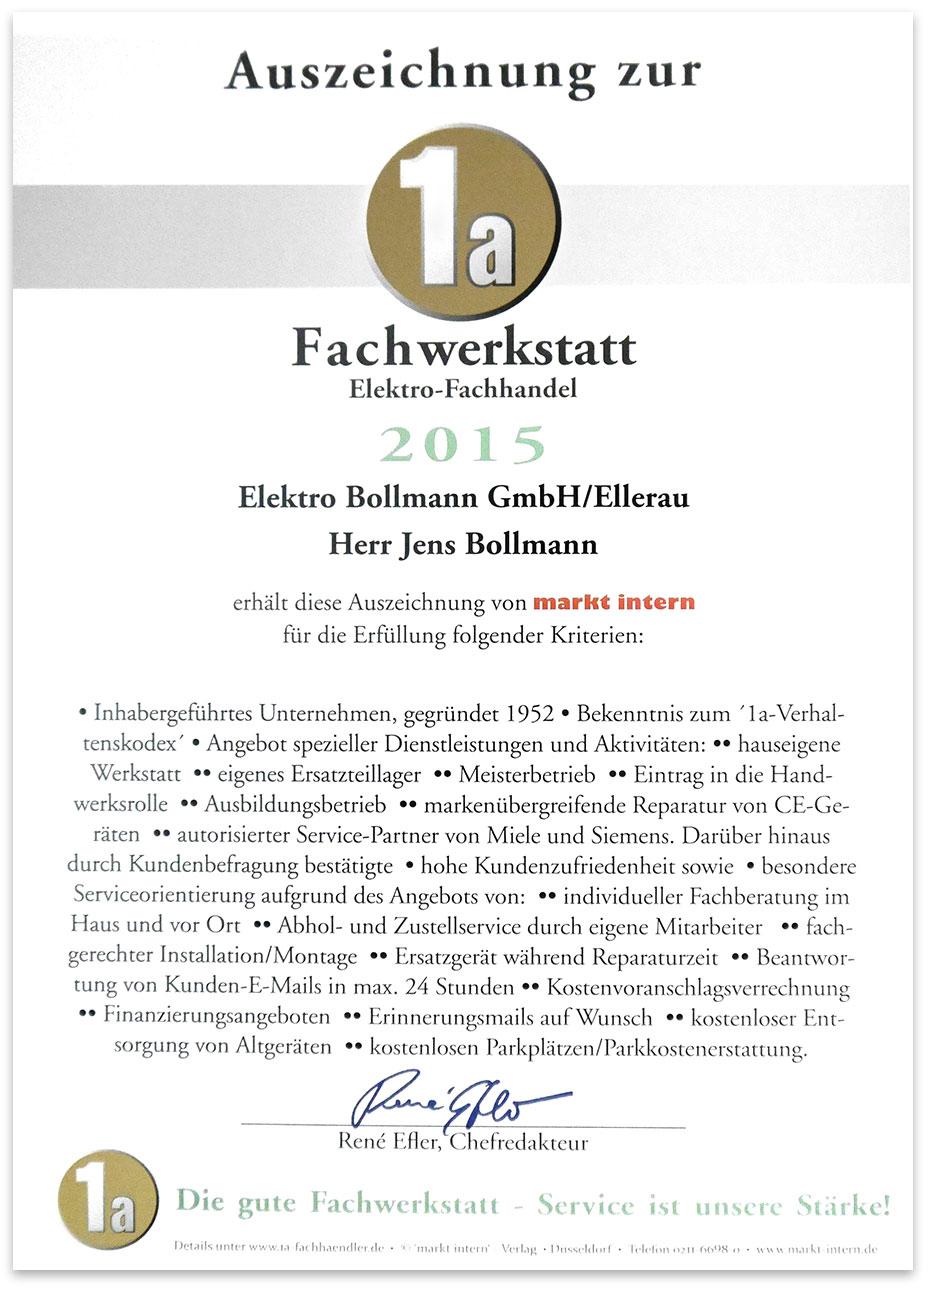 Auszeichnung 1a Fachwerkstatt